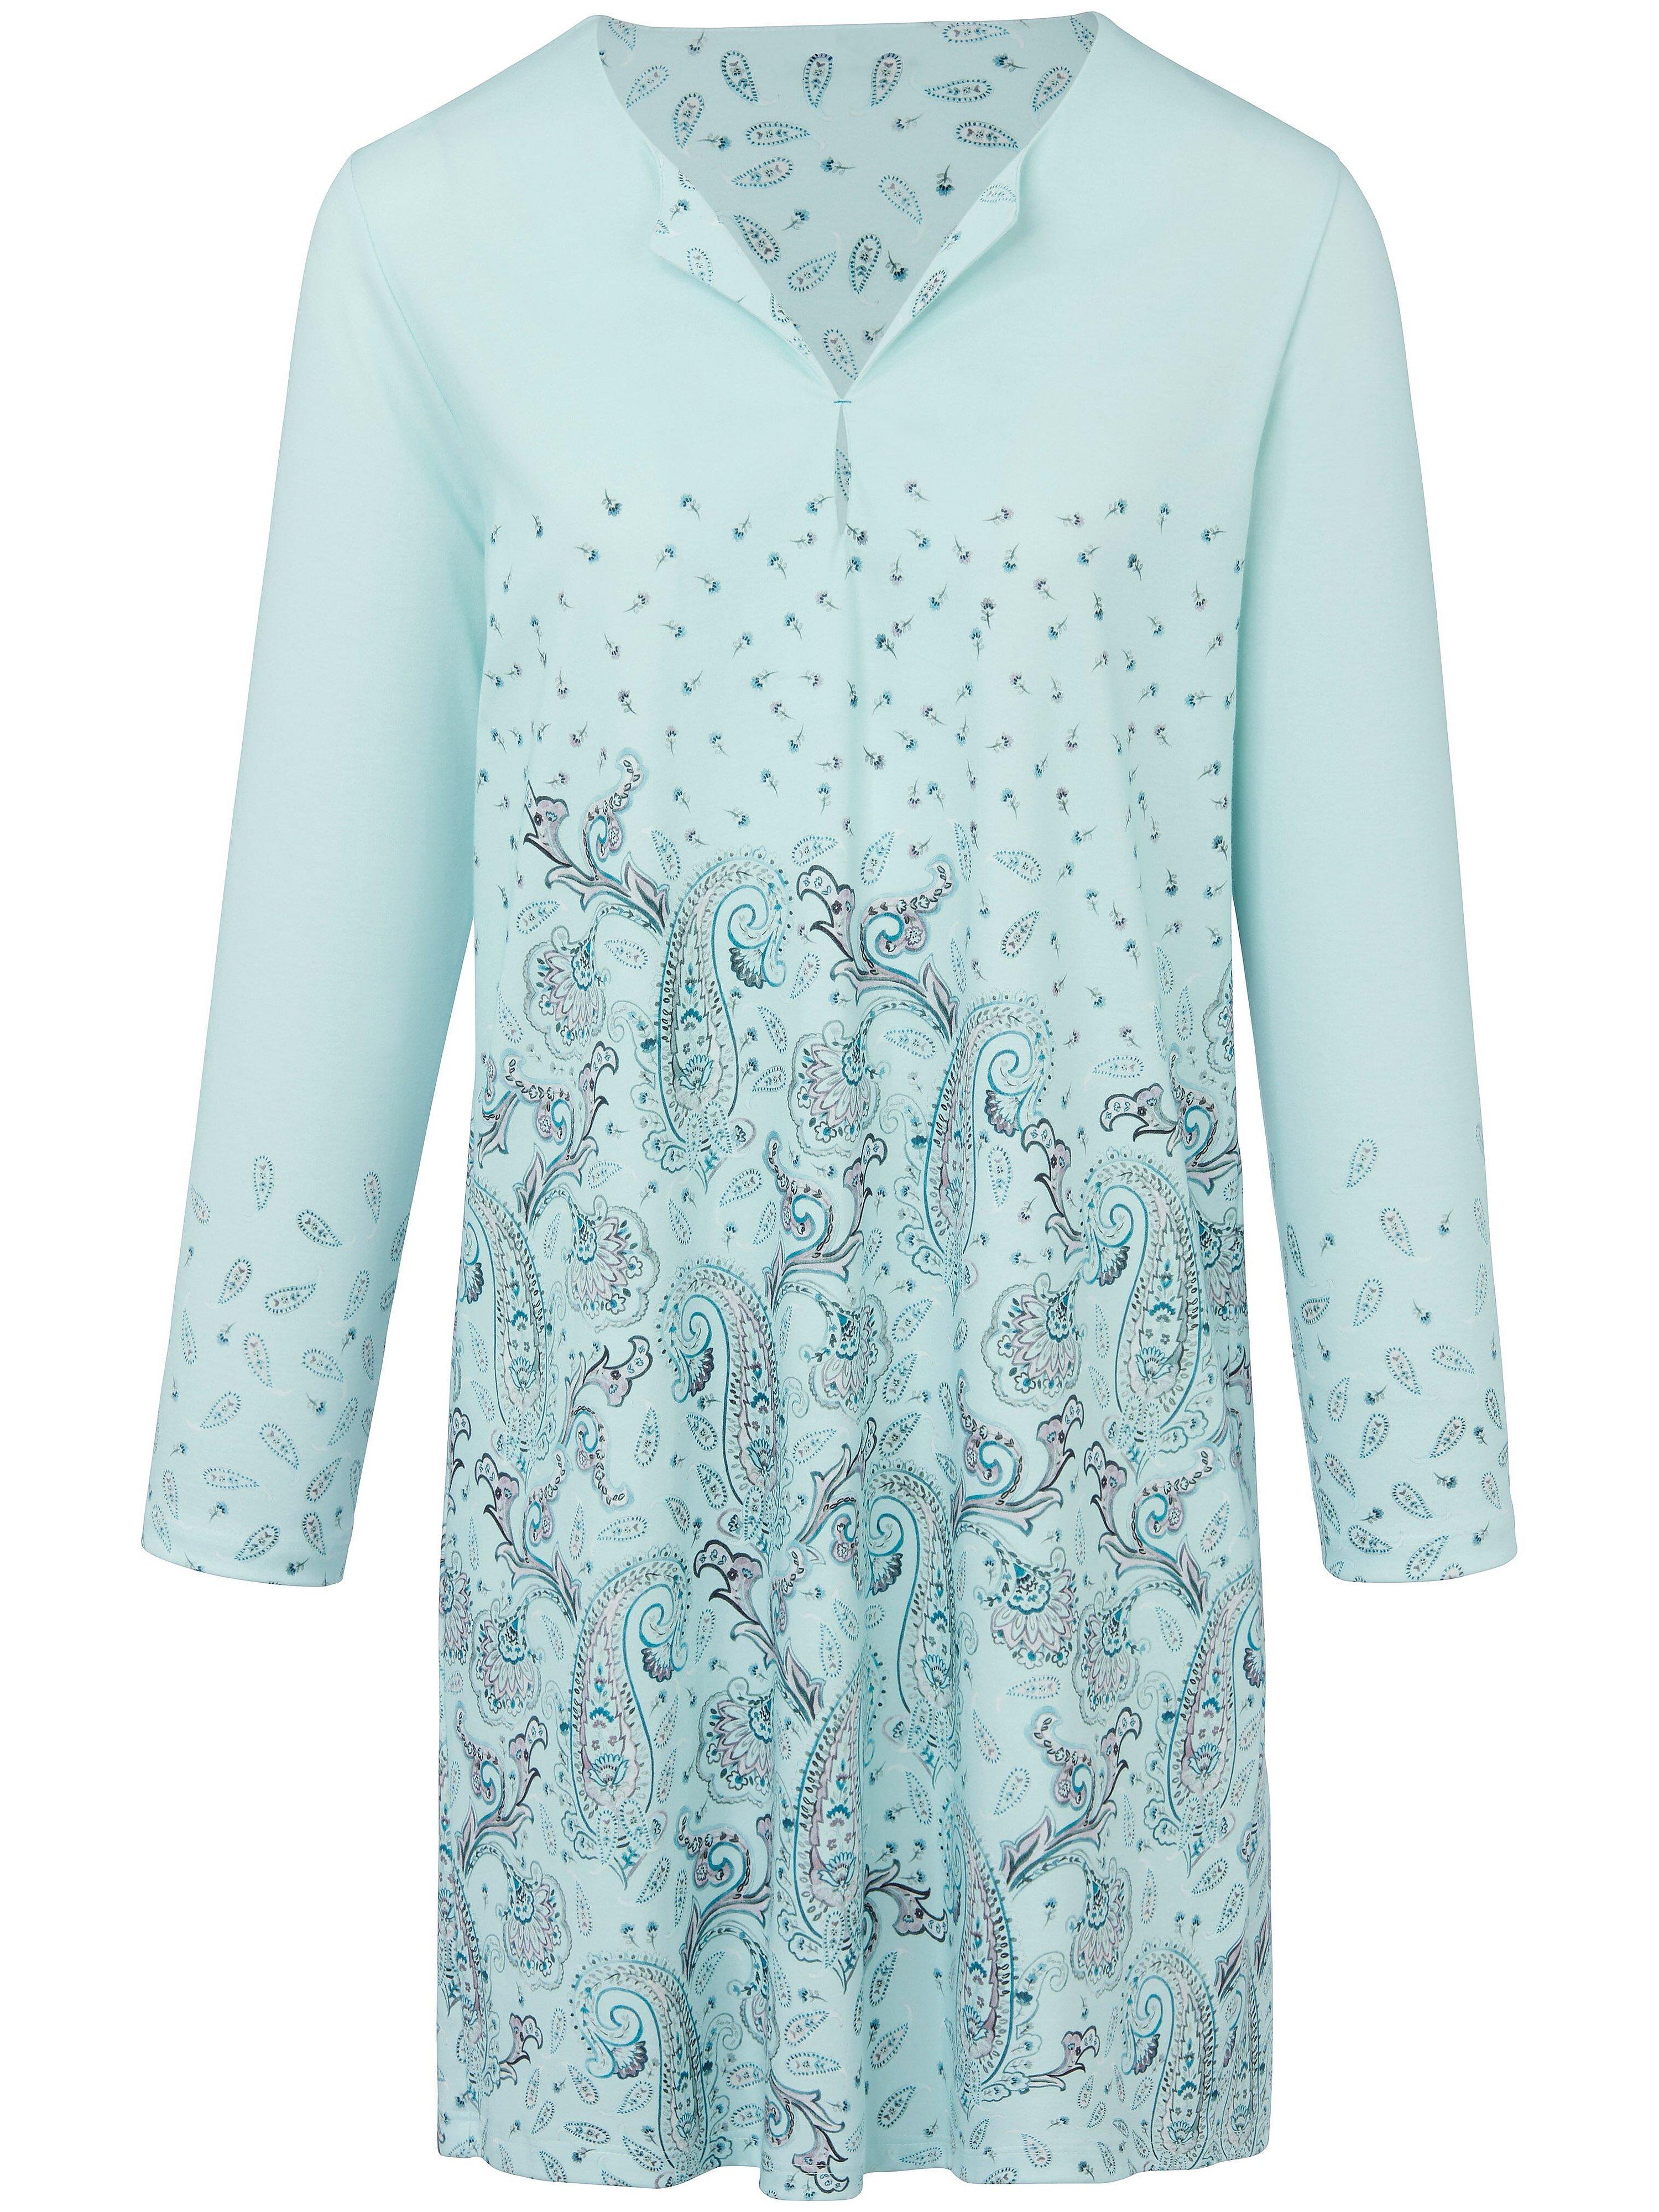 La chemise nuit 100% coton  Hautnah turquoise taille 42